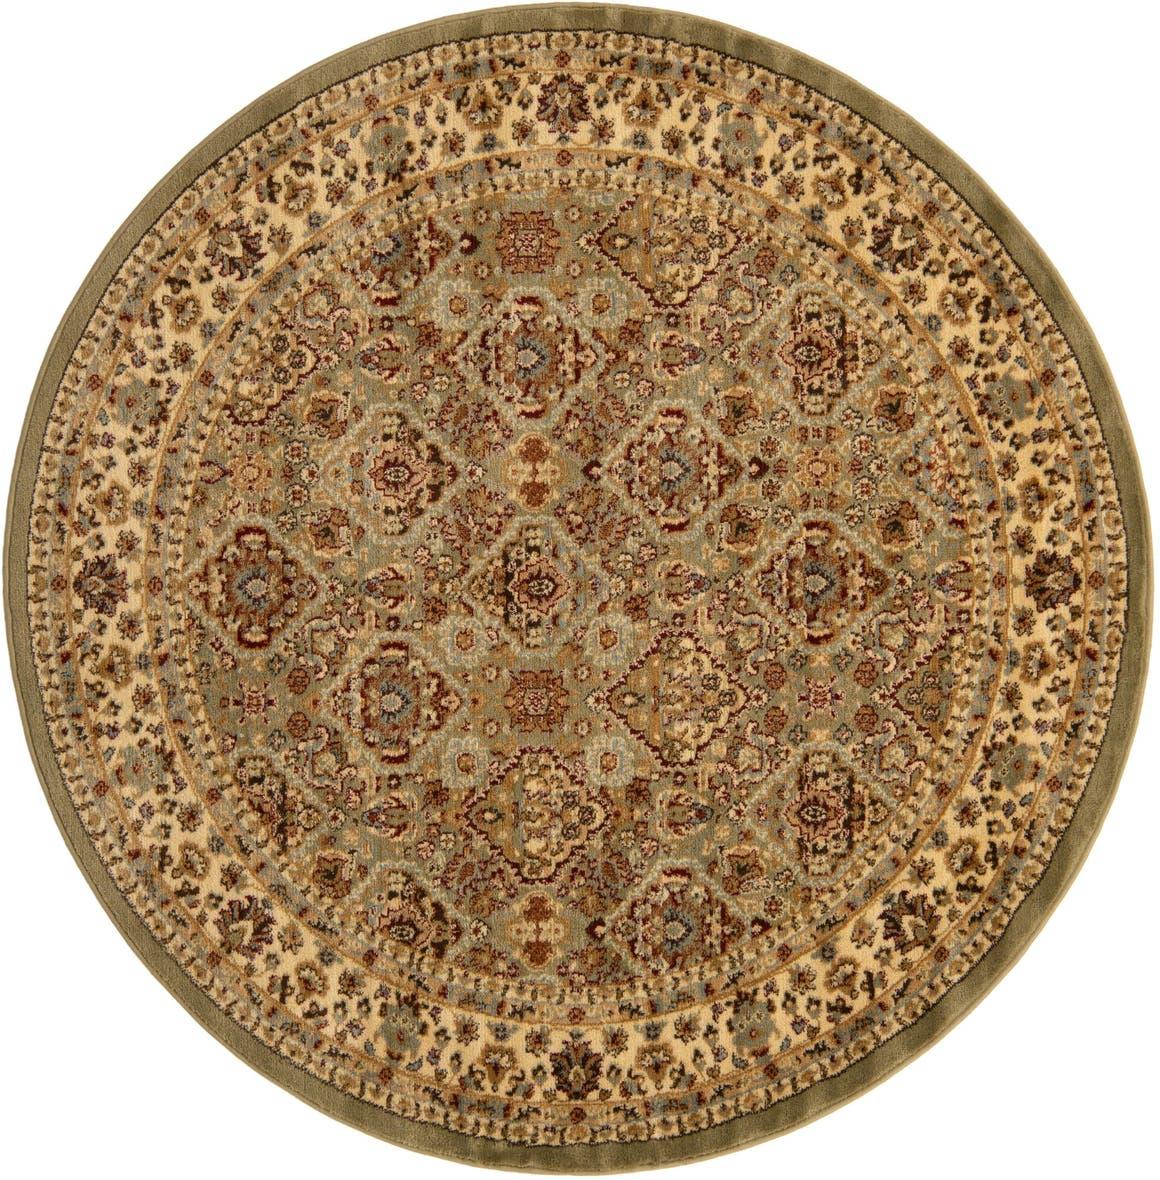 6' x 6' Classic Agra Round Rug main image